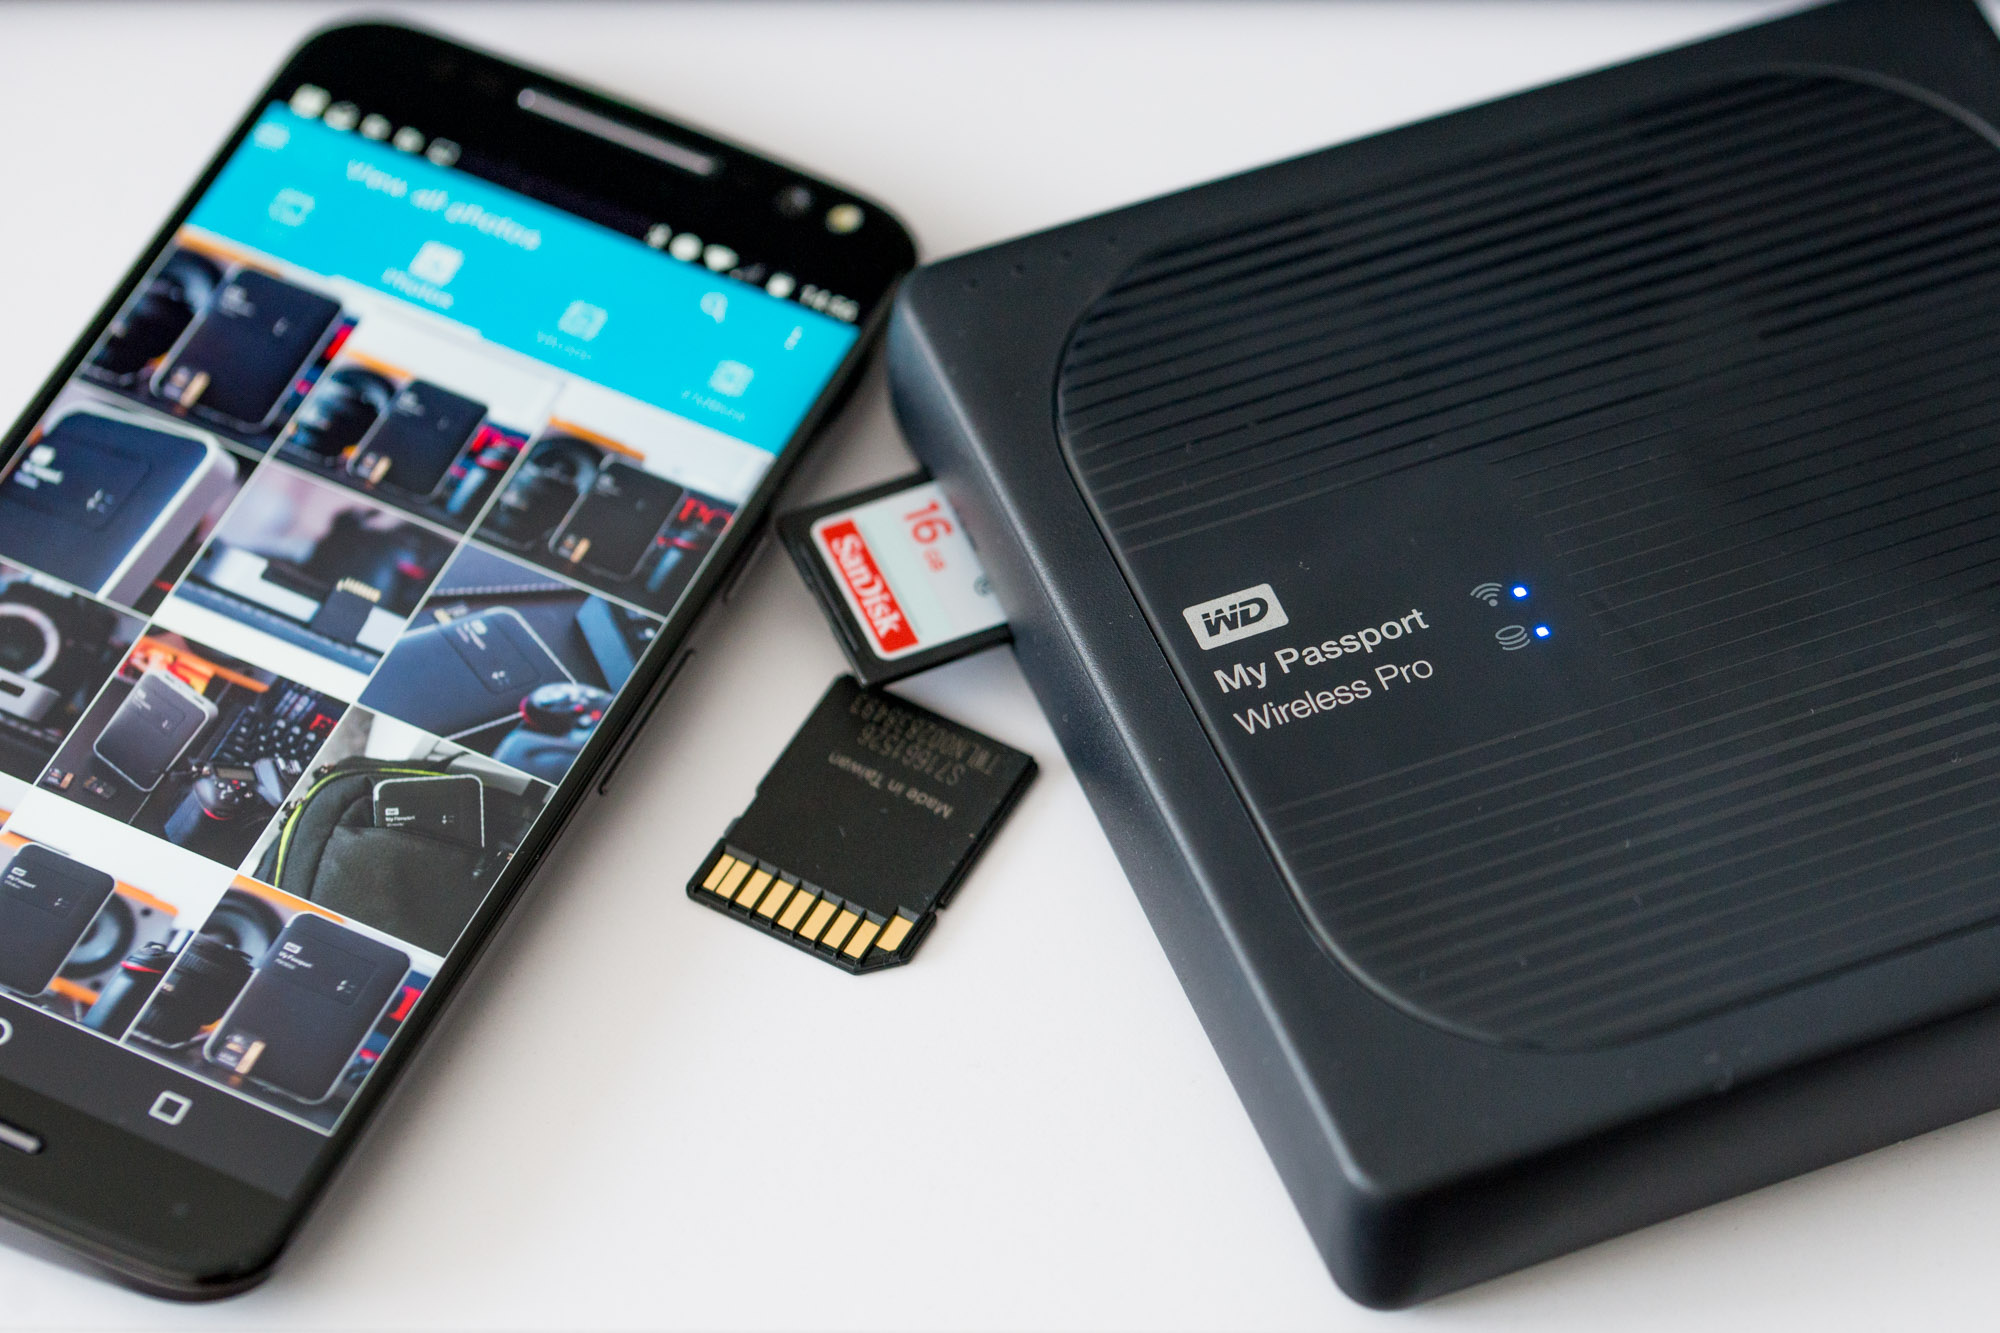 WD MyPassport Wireless Pro to sprzęt dla profesjonalisty.